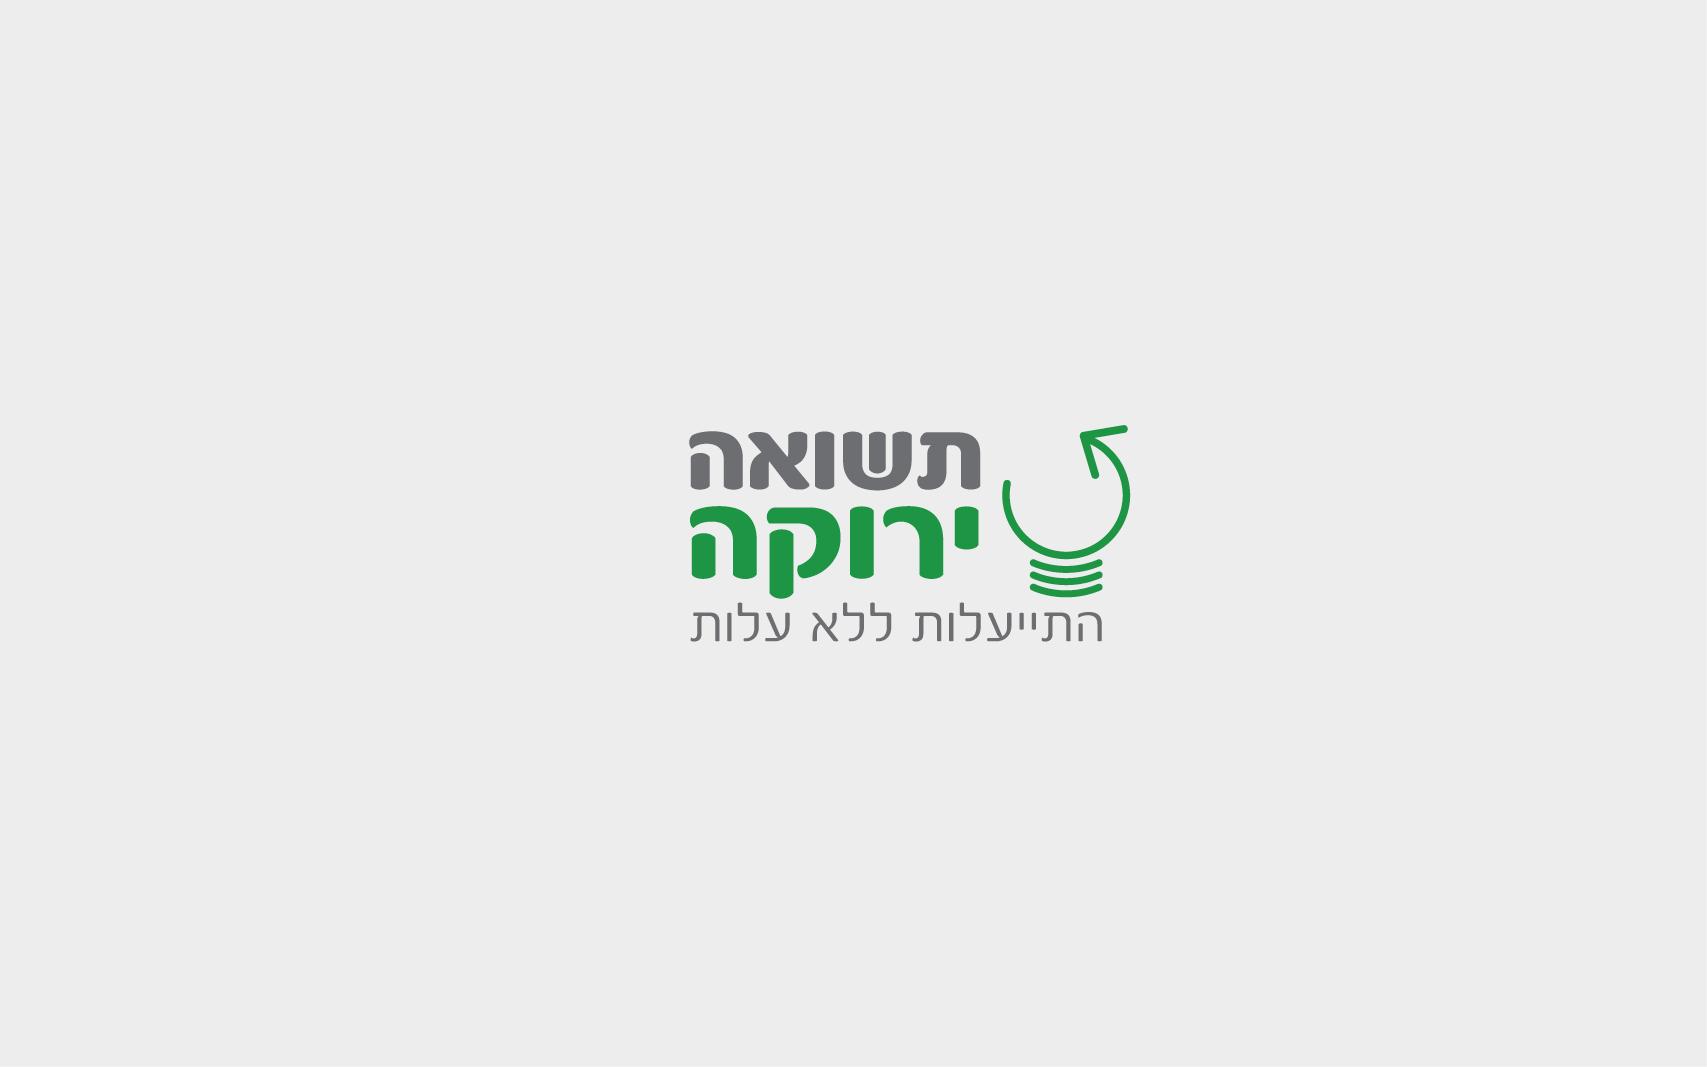 תשואה ירוקה - עיצוב לוגו